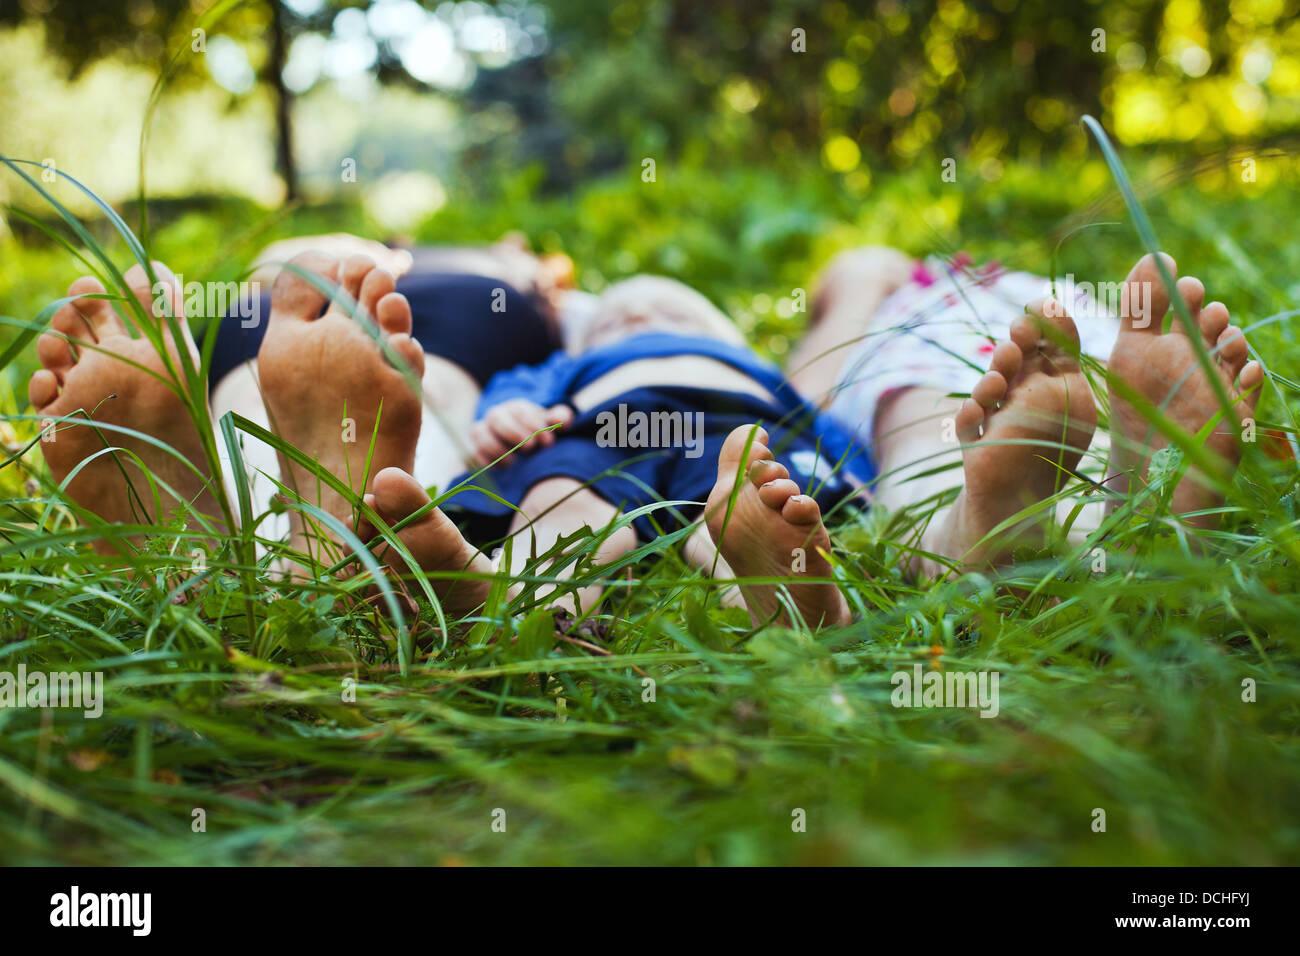 Détente en famille sur l'herbe Photo Stock